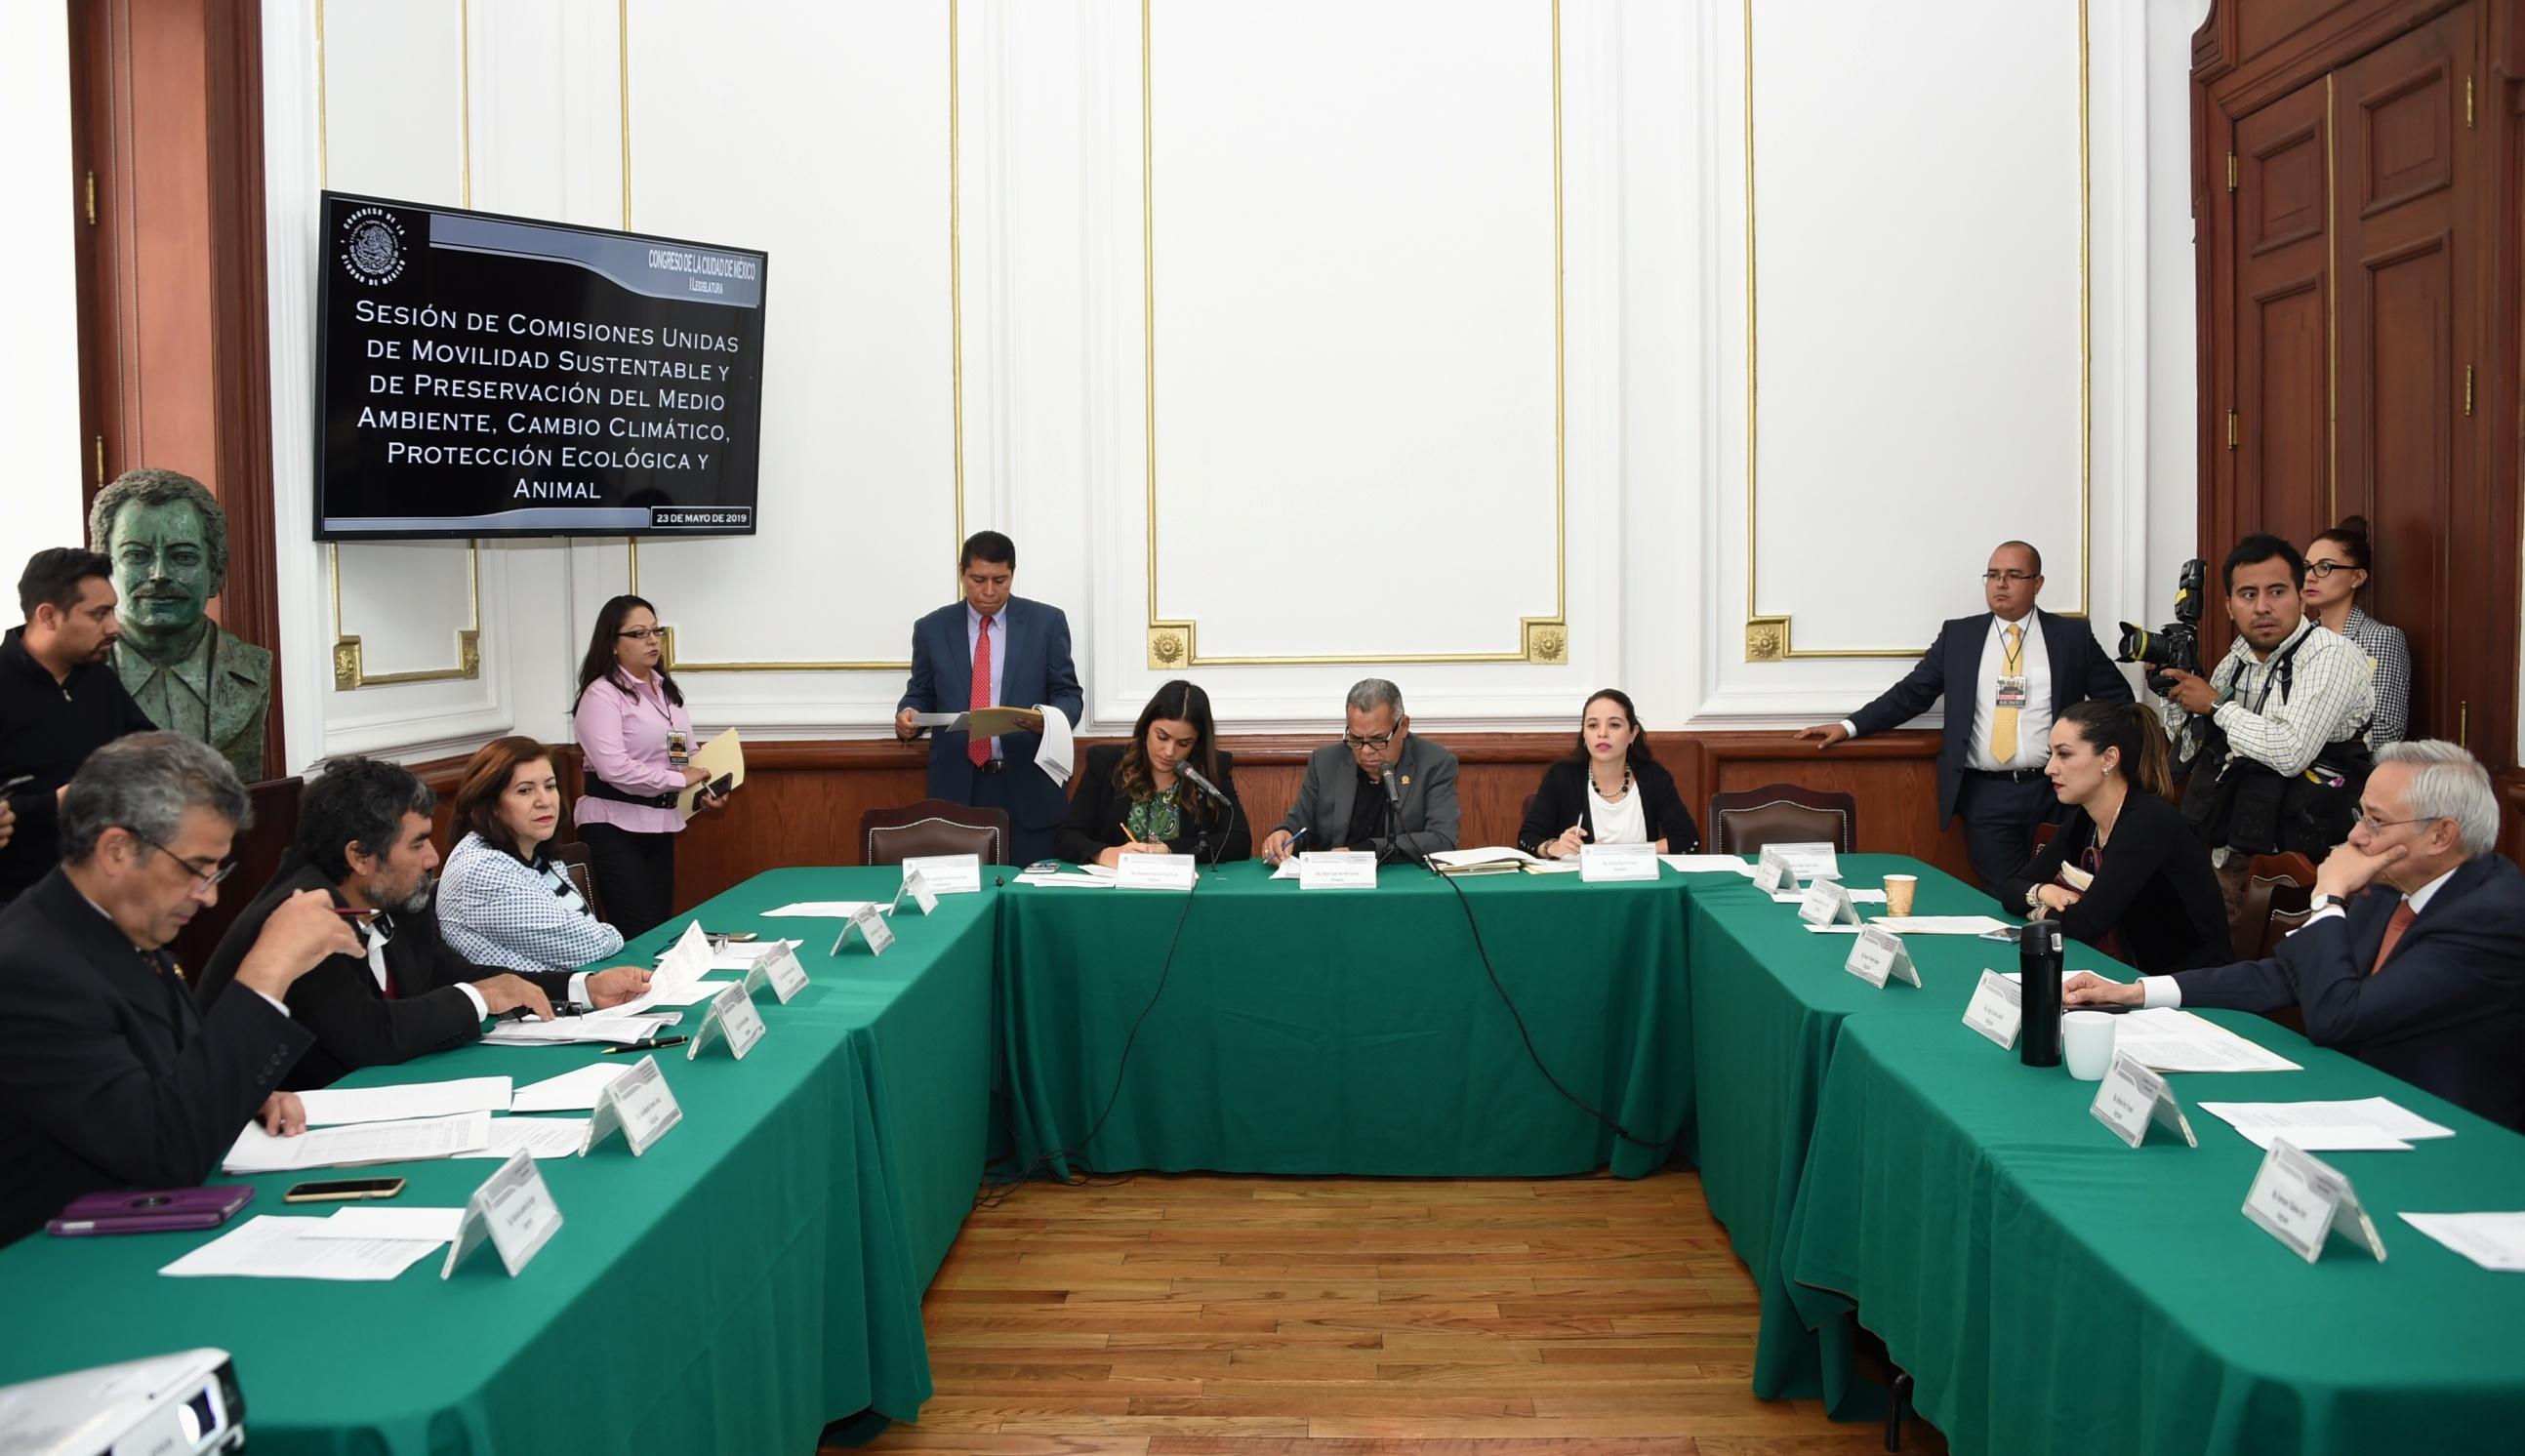 Diputados locales piden a dependencias del gobierno definir una política de movilidad sustentable